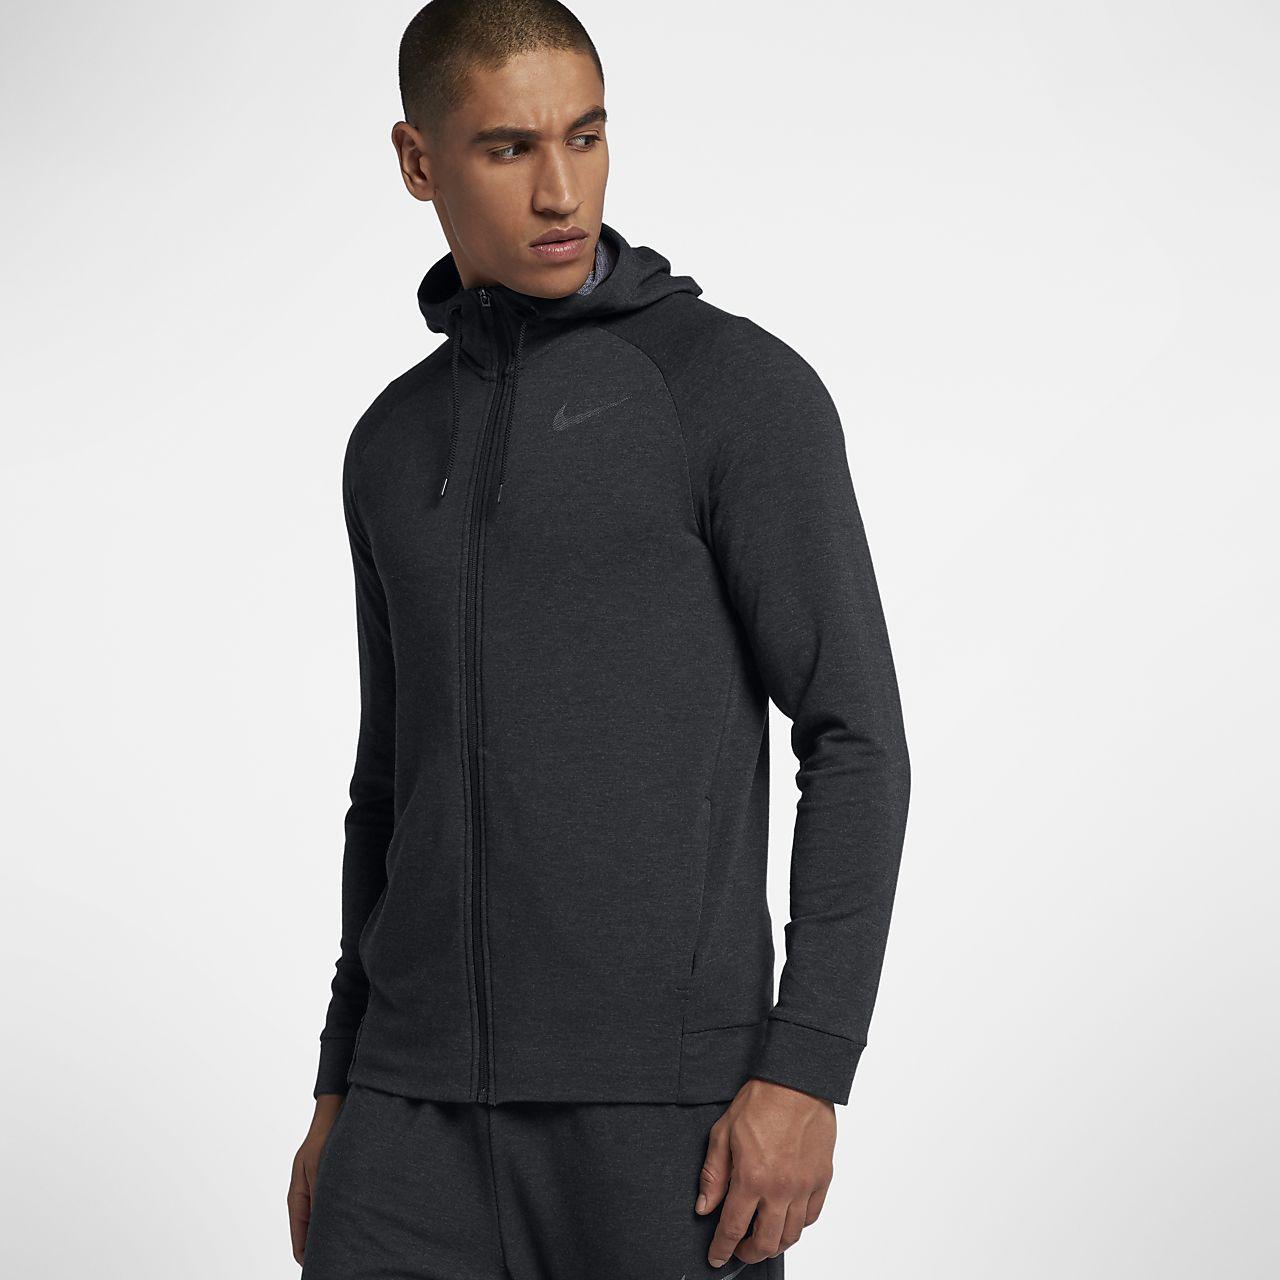 Pánská tréninková mikina Nike Dri-FIT s kapucí a zipem po celé délce ... a95f6d7b805